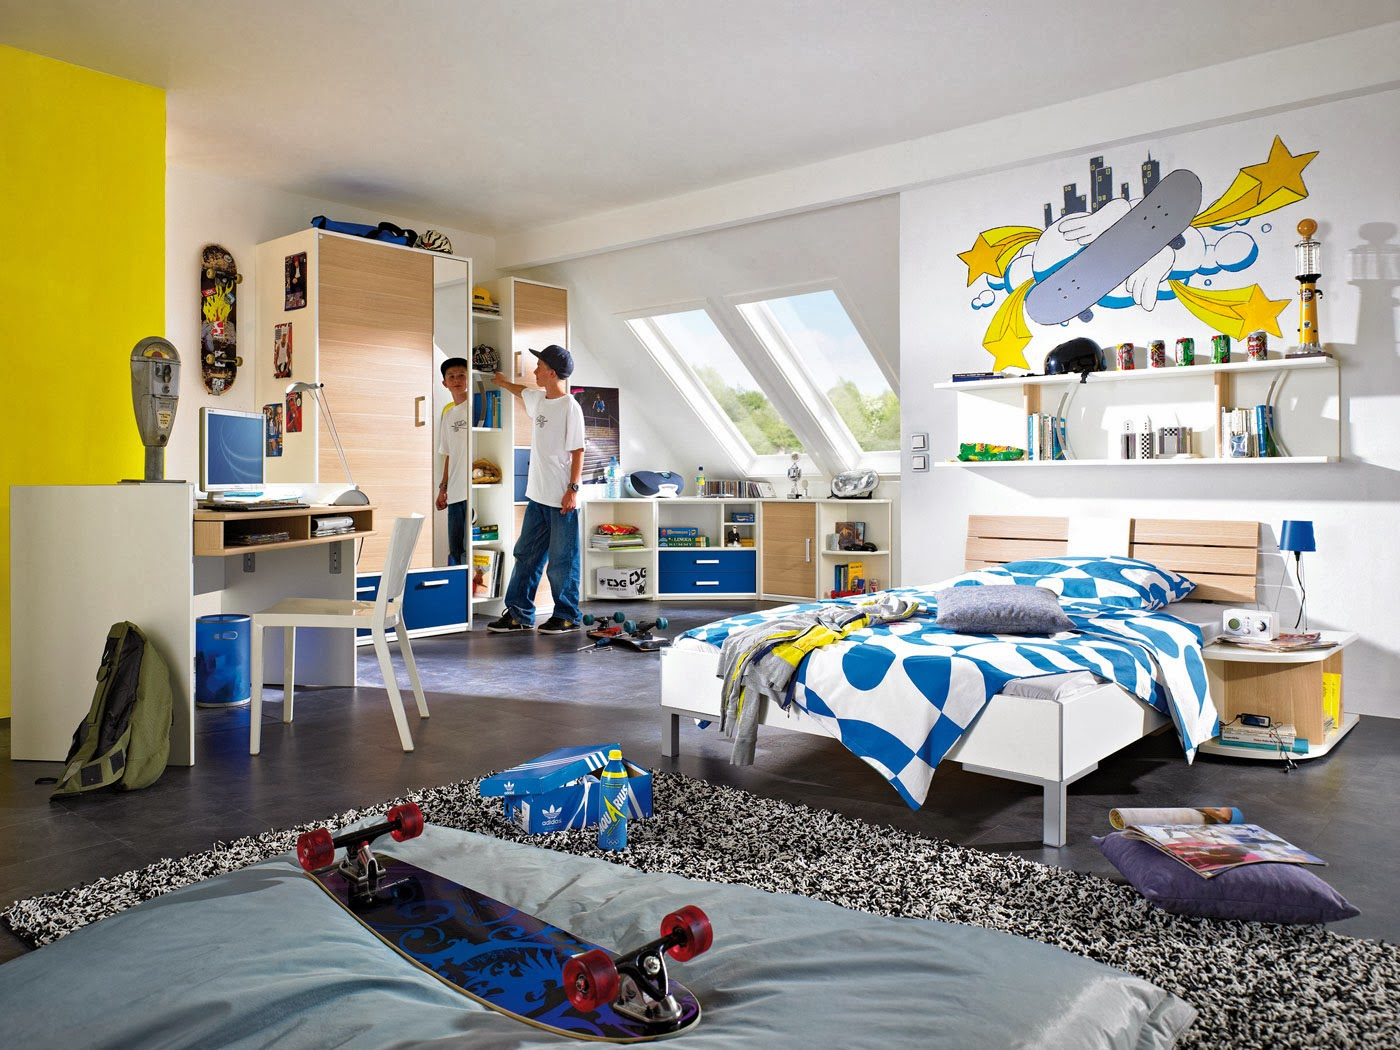 Dormitorios tema skate dormitorios colores y estilos - Habitaciones juveniles con estilo ...